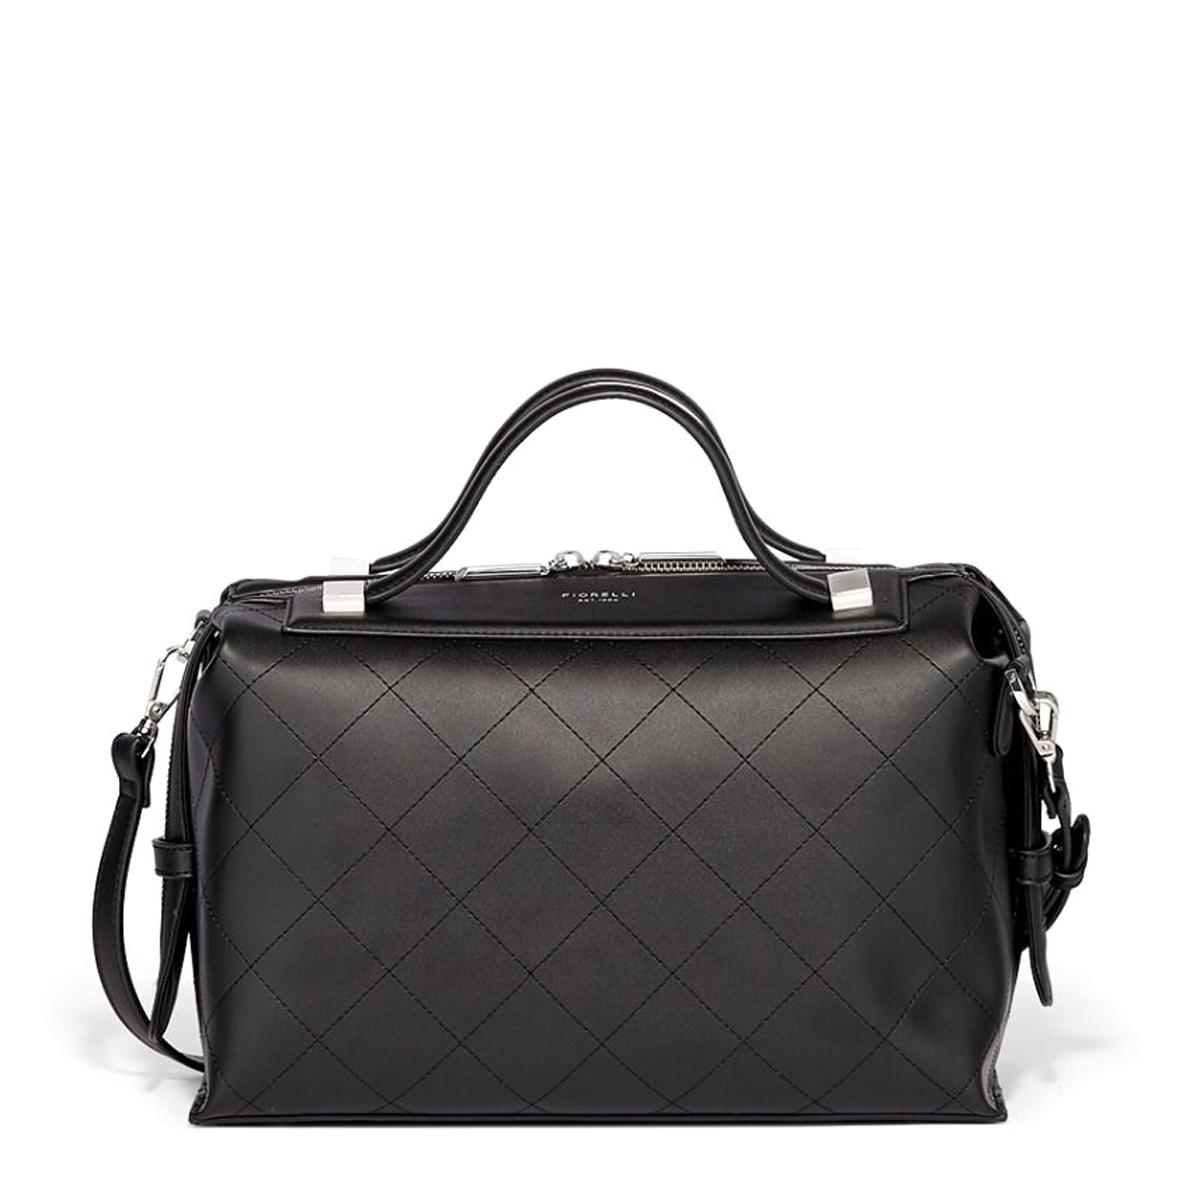 Сумка женская Fiorelli, цвет: черный. 8720 FH Black Stitch эко кожа бордовая сумка из экокожи